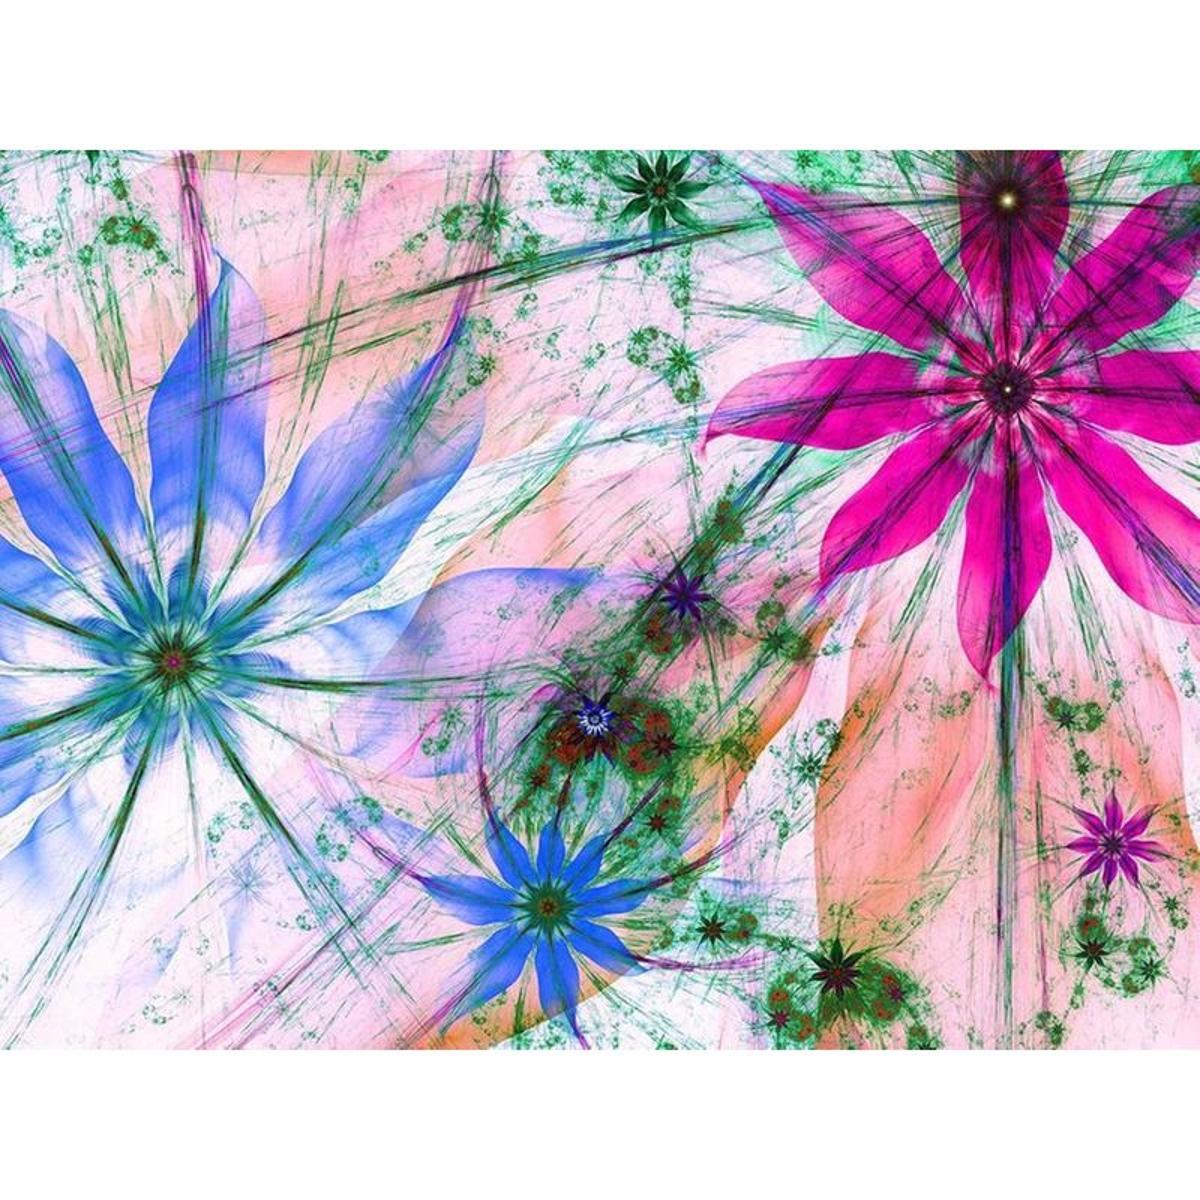 Flower silhouettes, photo murale intissée, 360x270 cm, 4 parts